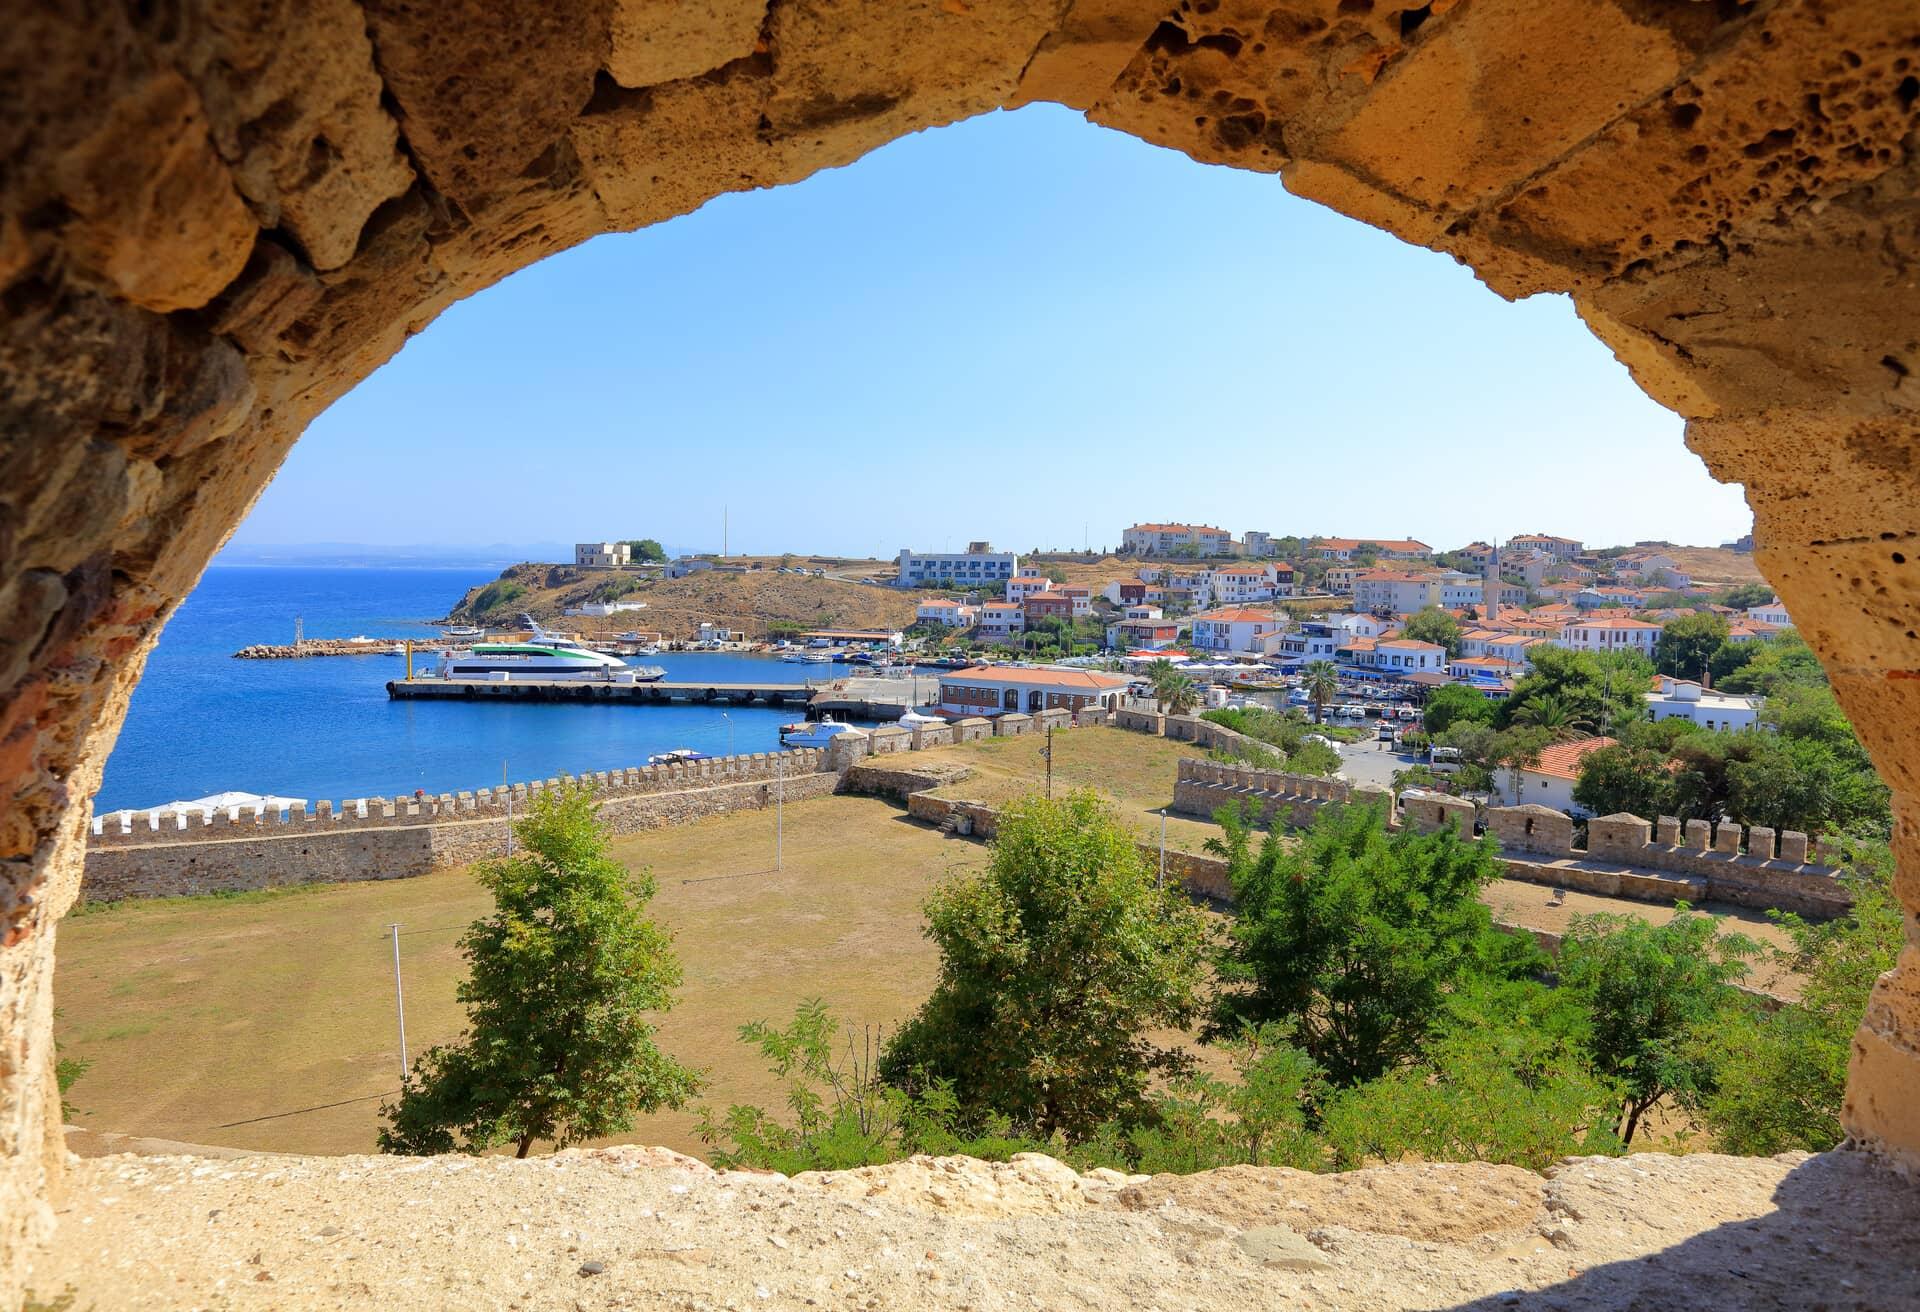 Vista dal castello di Tenedo sull'isola di Bozcaasa, Turchia.